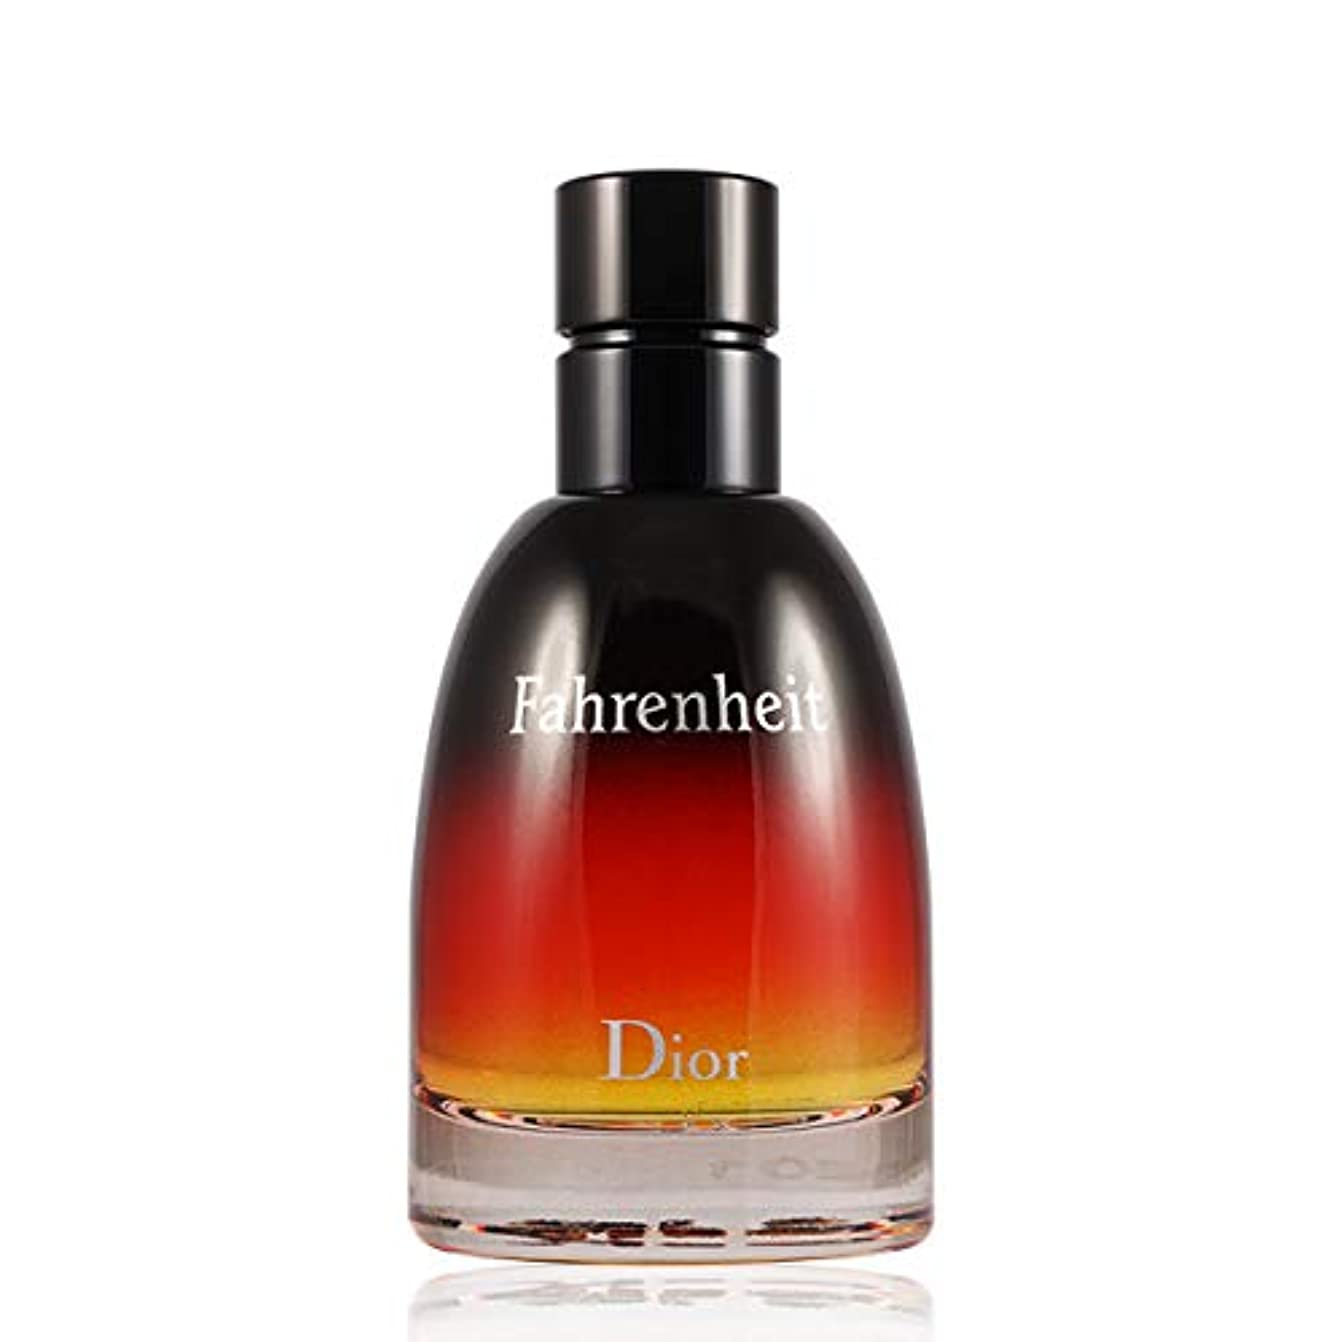 バラバラにする人気の現象クリスチャン ディオール(Christian Dior) ファーレンハイト ル パルファン EDP SP 75ml[並行輸入品]